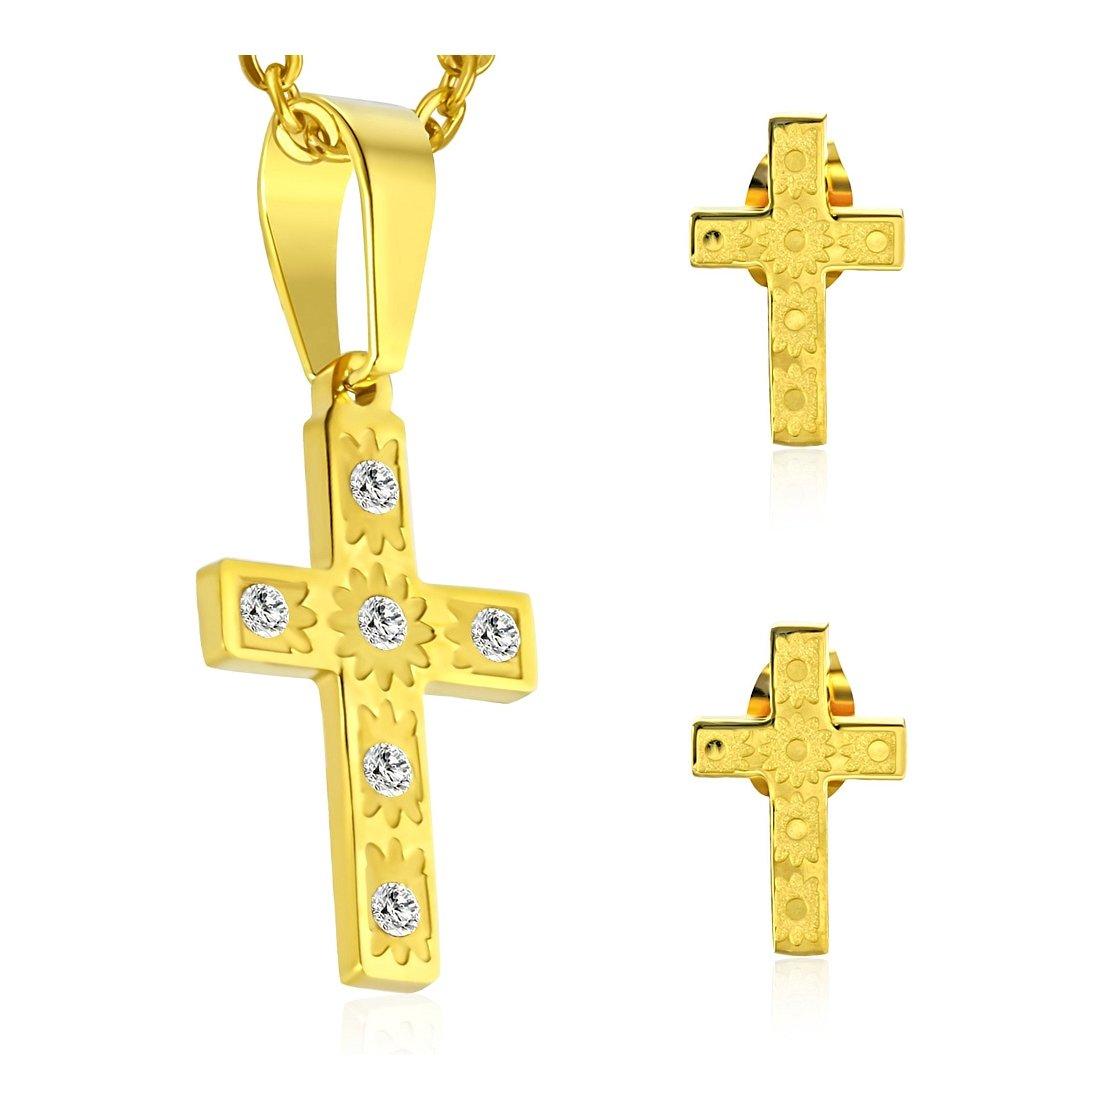 Couleur or plaqué acier inoxydable Fleur Croix latine Charm pendentif & Paire de boucles d'oreille à tige avec zircone transparente (lot) NRG Steel Jewellery 205-OAP572